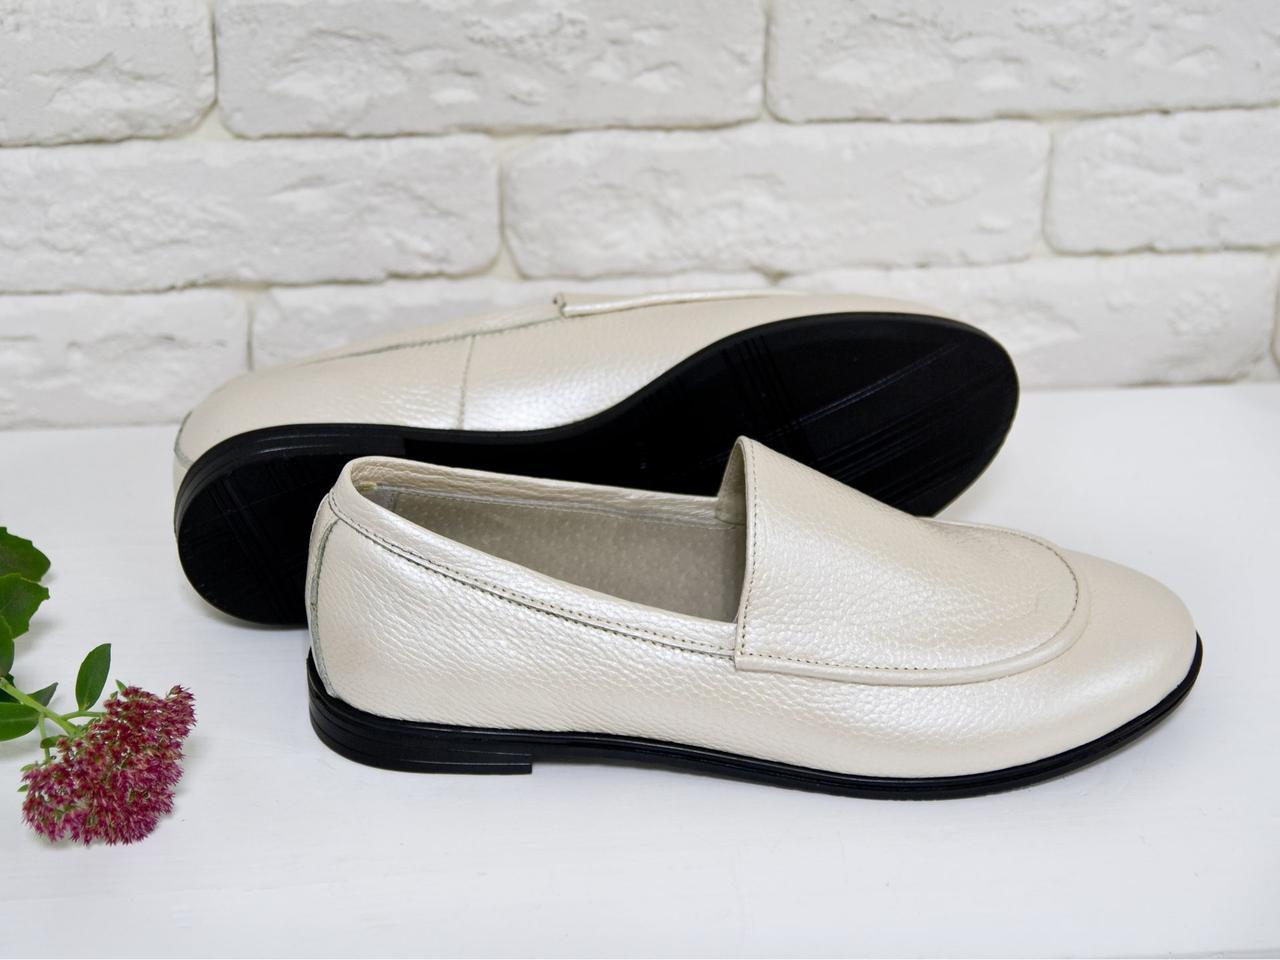 Туфлі жіночі на тонкій підошві з натуральної шкіри ніжно-рожевого кольору з перламутром. Туфлі Т-17060